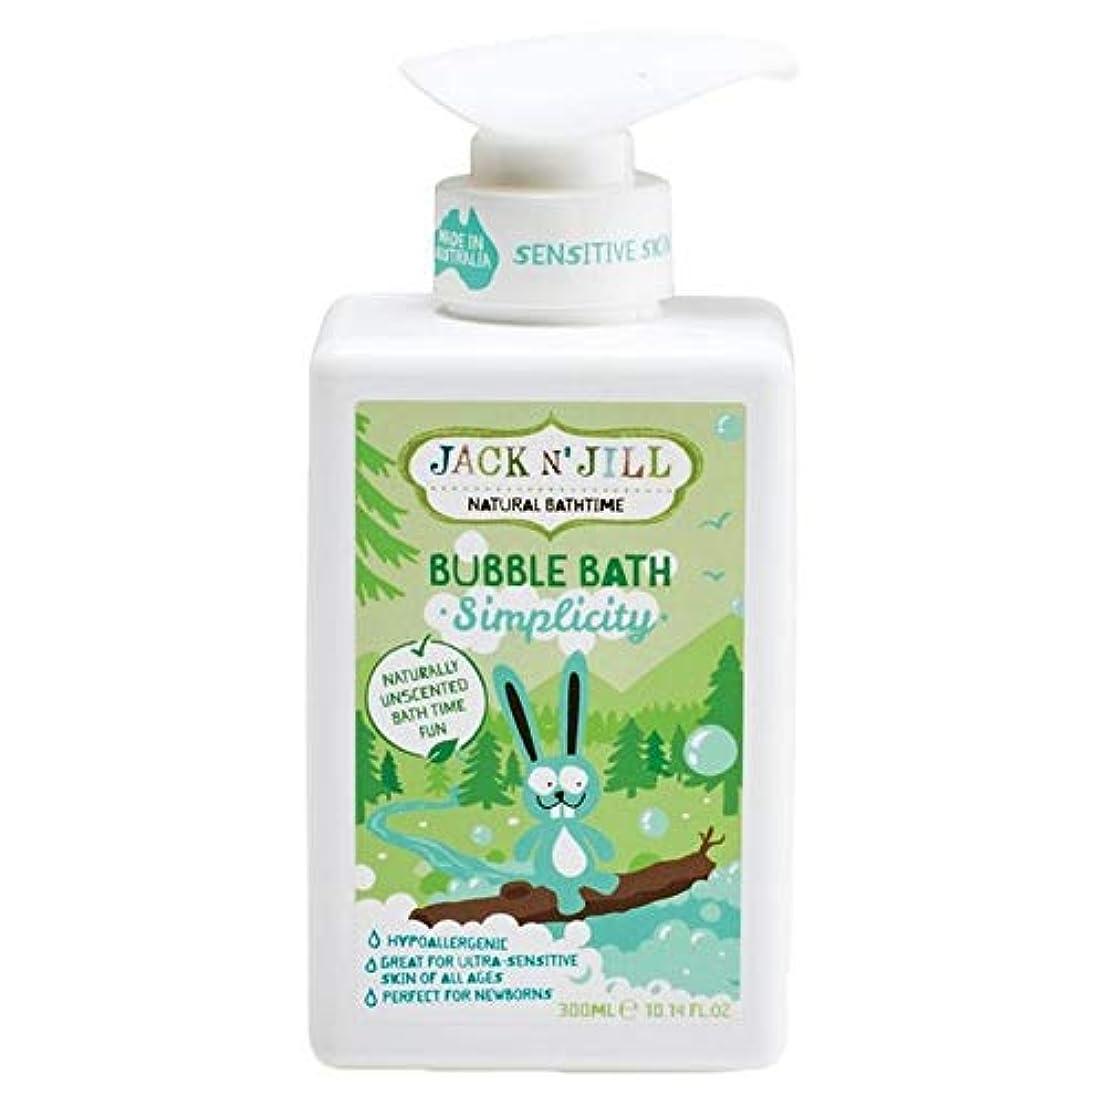 [Jack N Jill ] ジャックのNジルシンプルバブルバス300ミリリットル - Jack N Jill Simplicity Bubble Bath 300ml [並行輸入品]